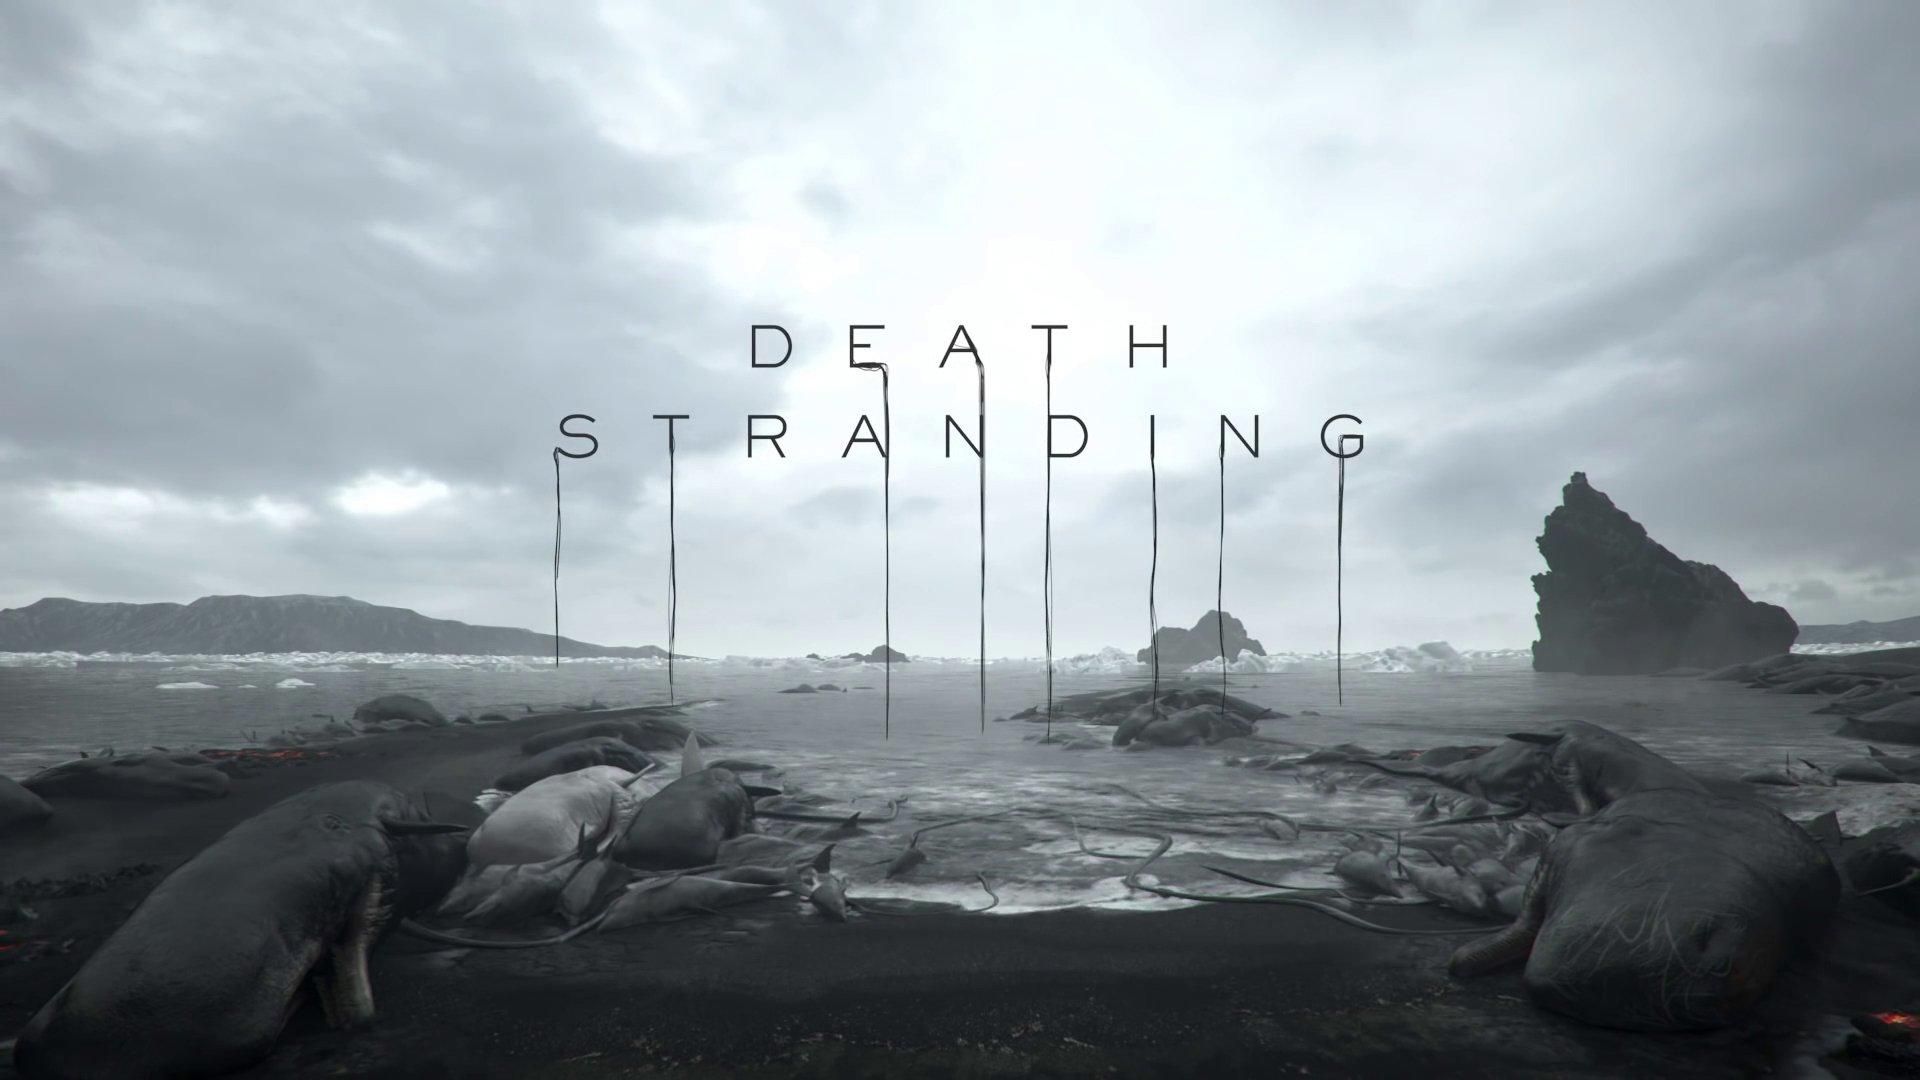 В трейлере Death Stranding показали первые геймплейные кадры игры